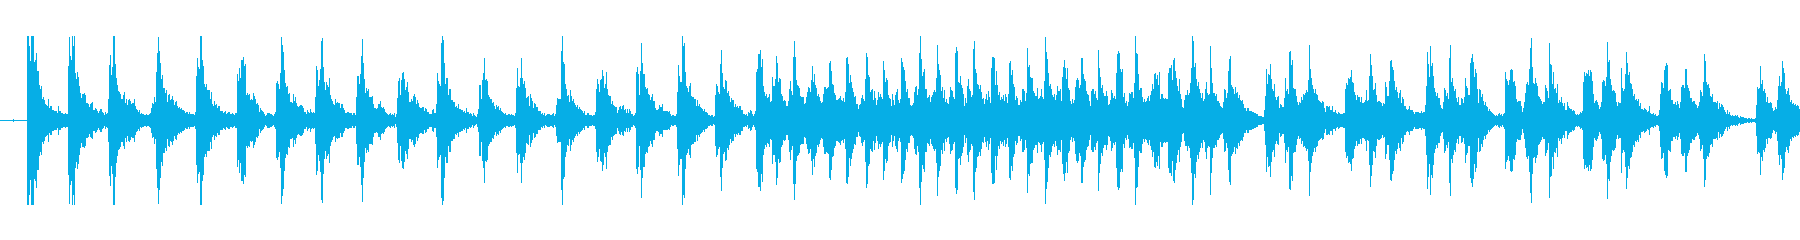 ベルそりリング複数の再生済みの波形